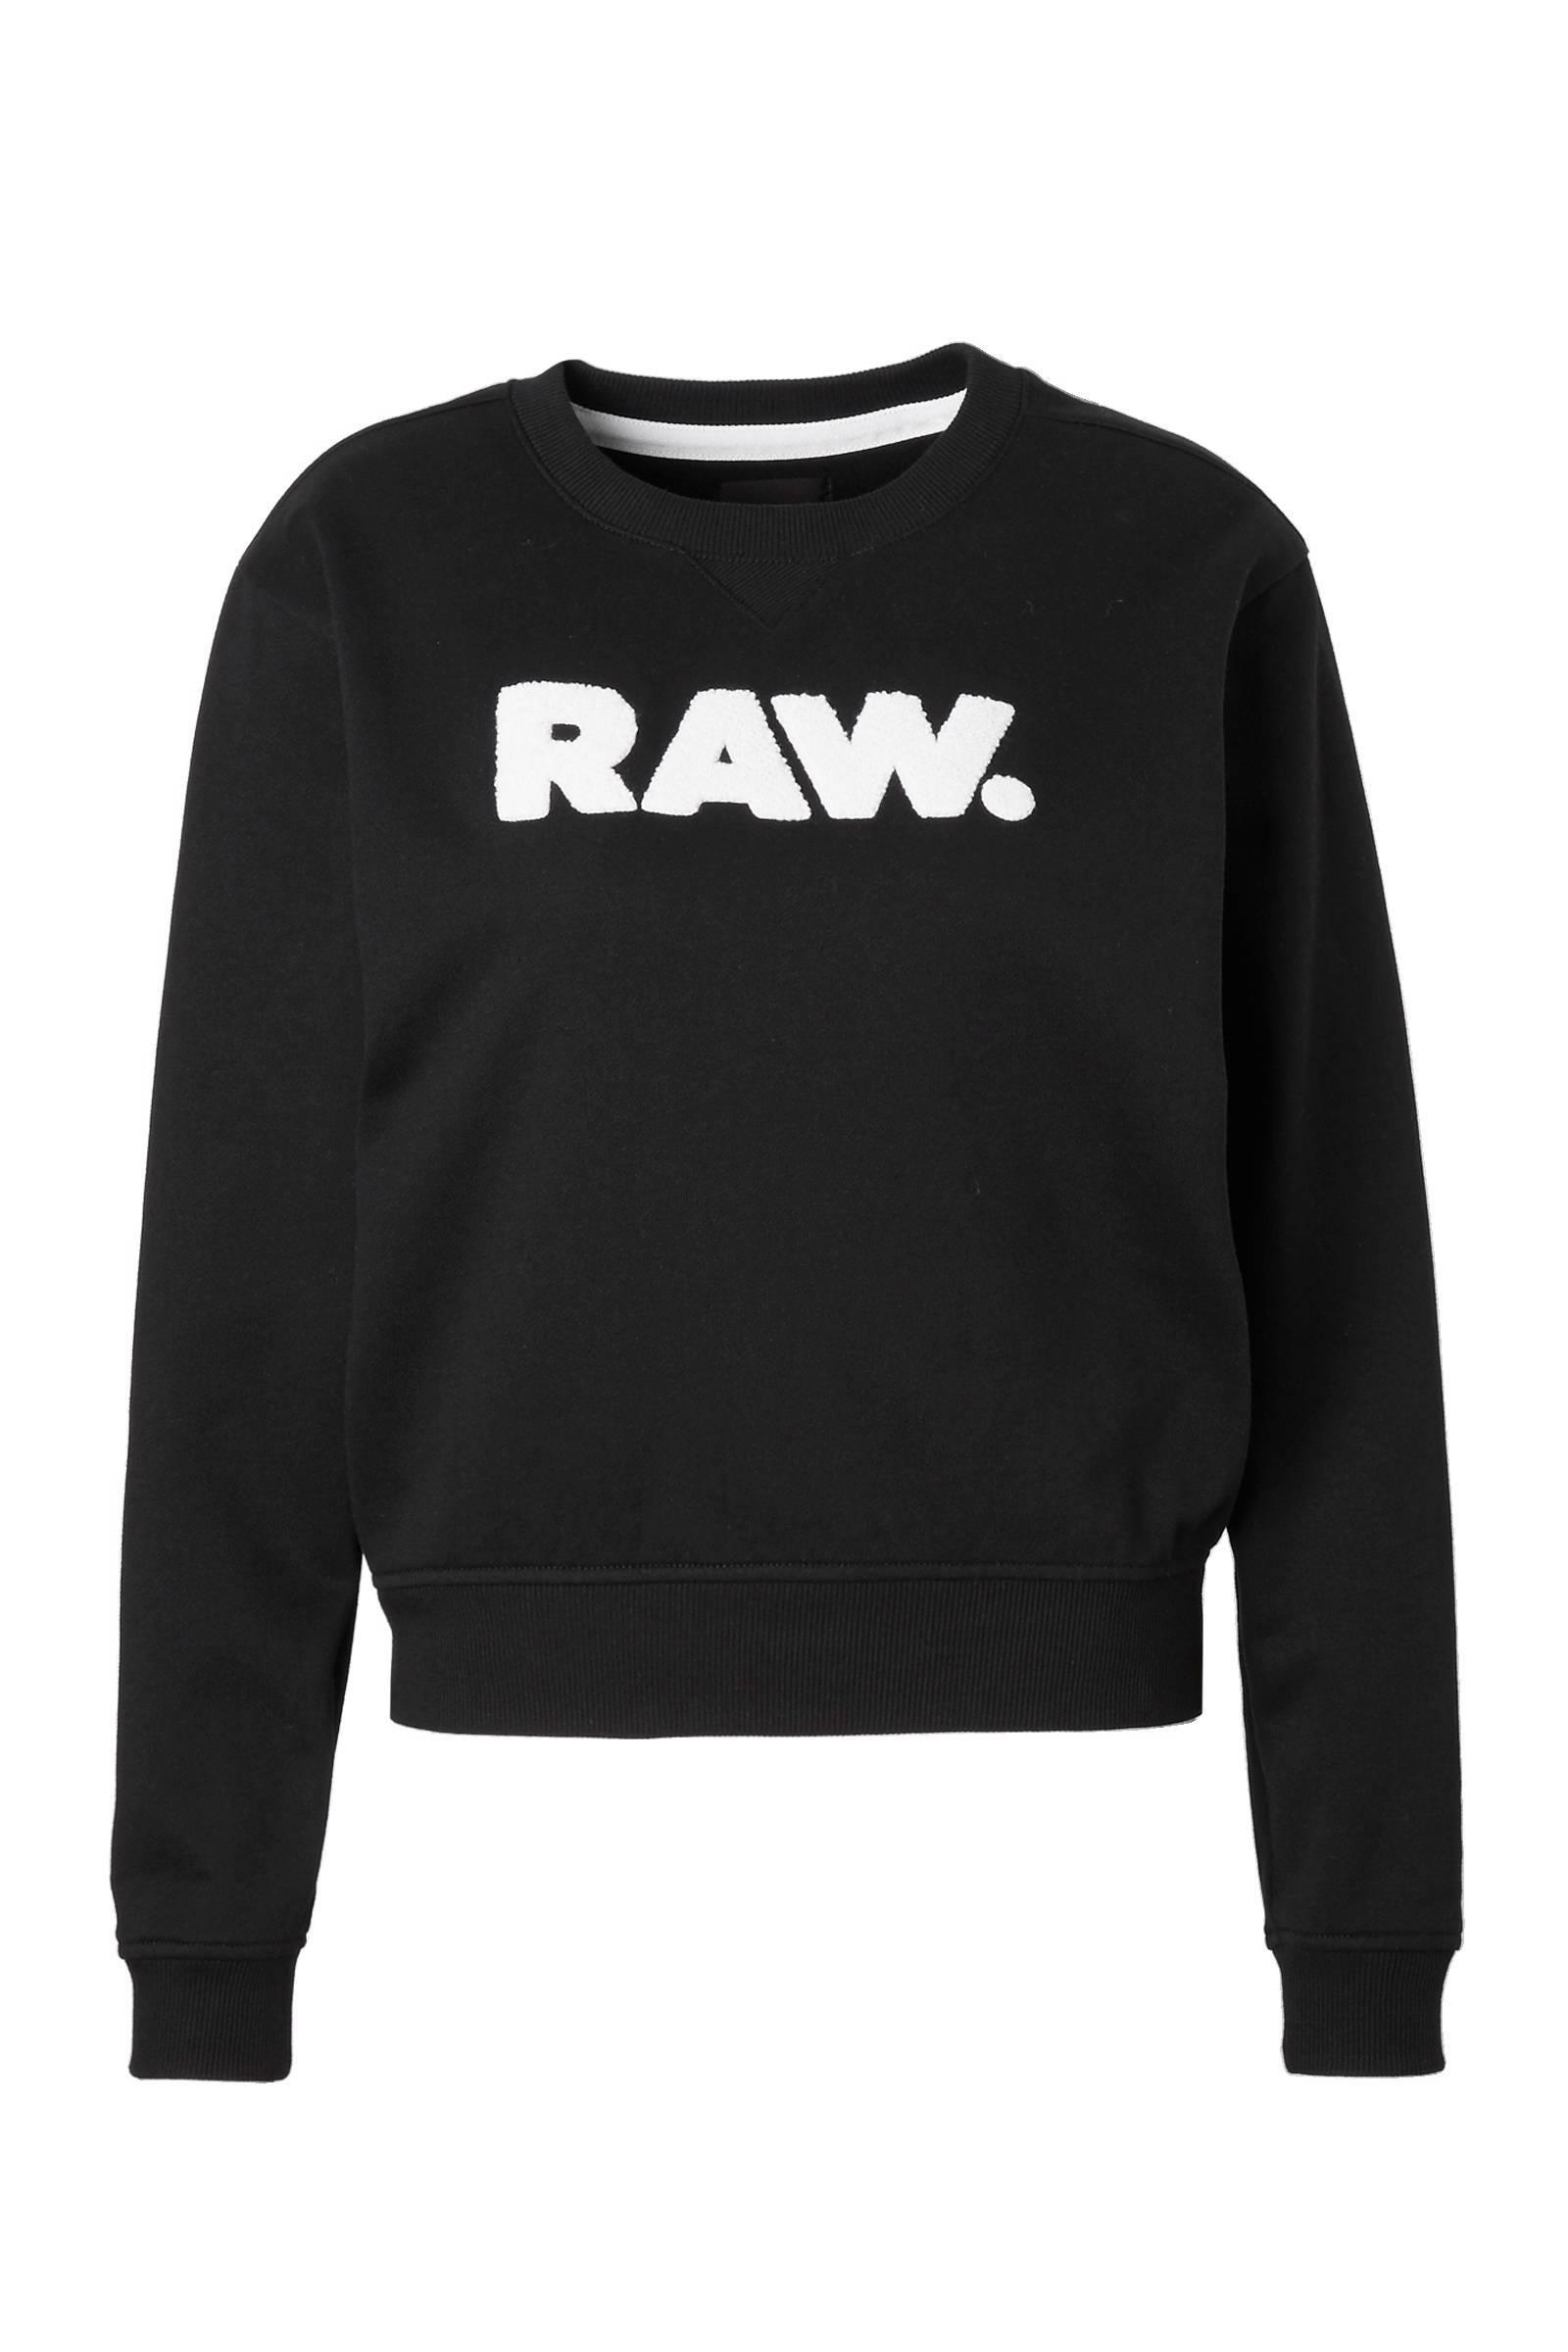 G Star|Dark Black|Core Boyfriend Sweater|G Star Online Shop